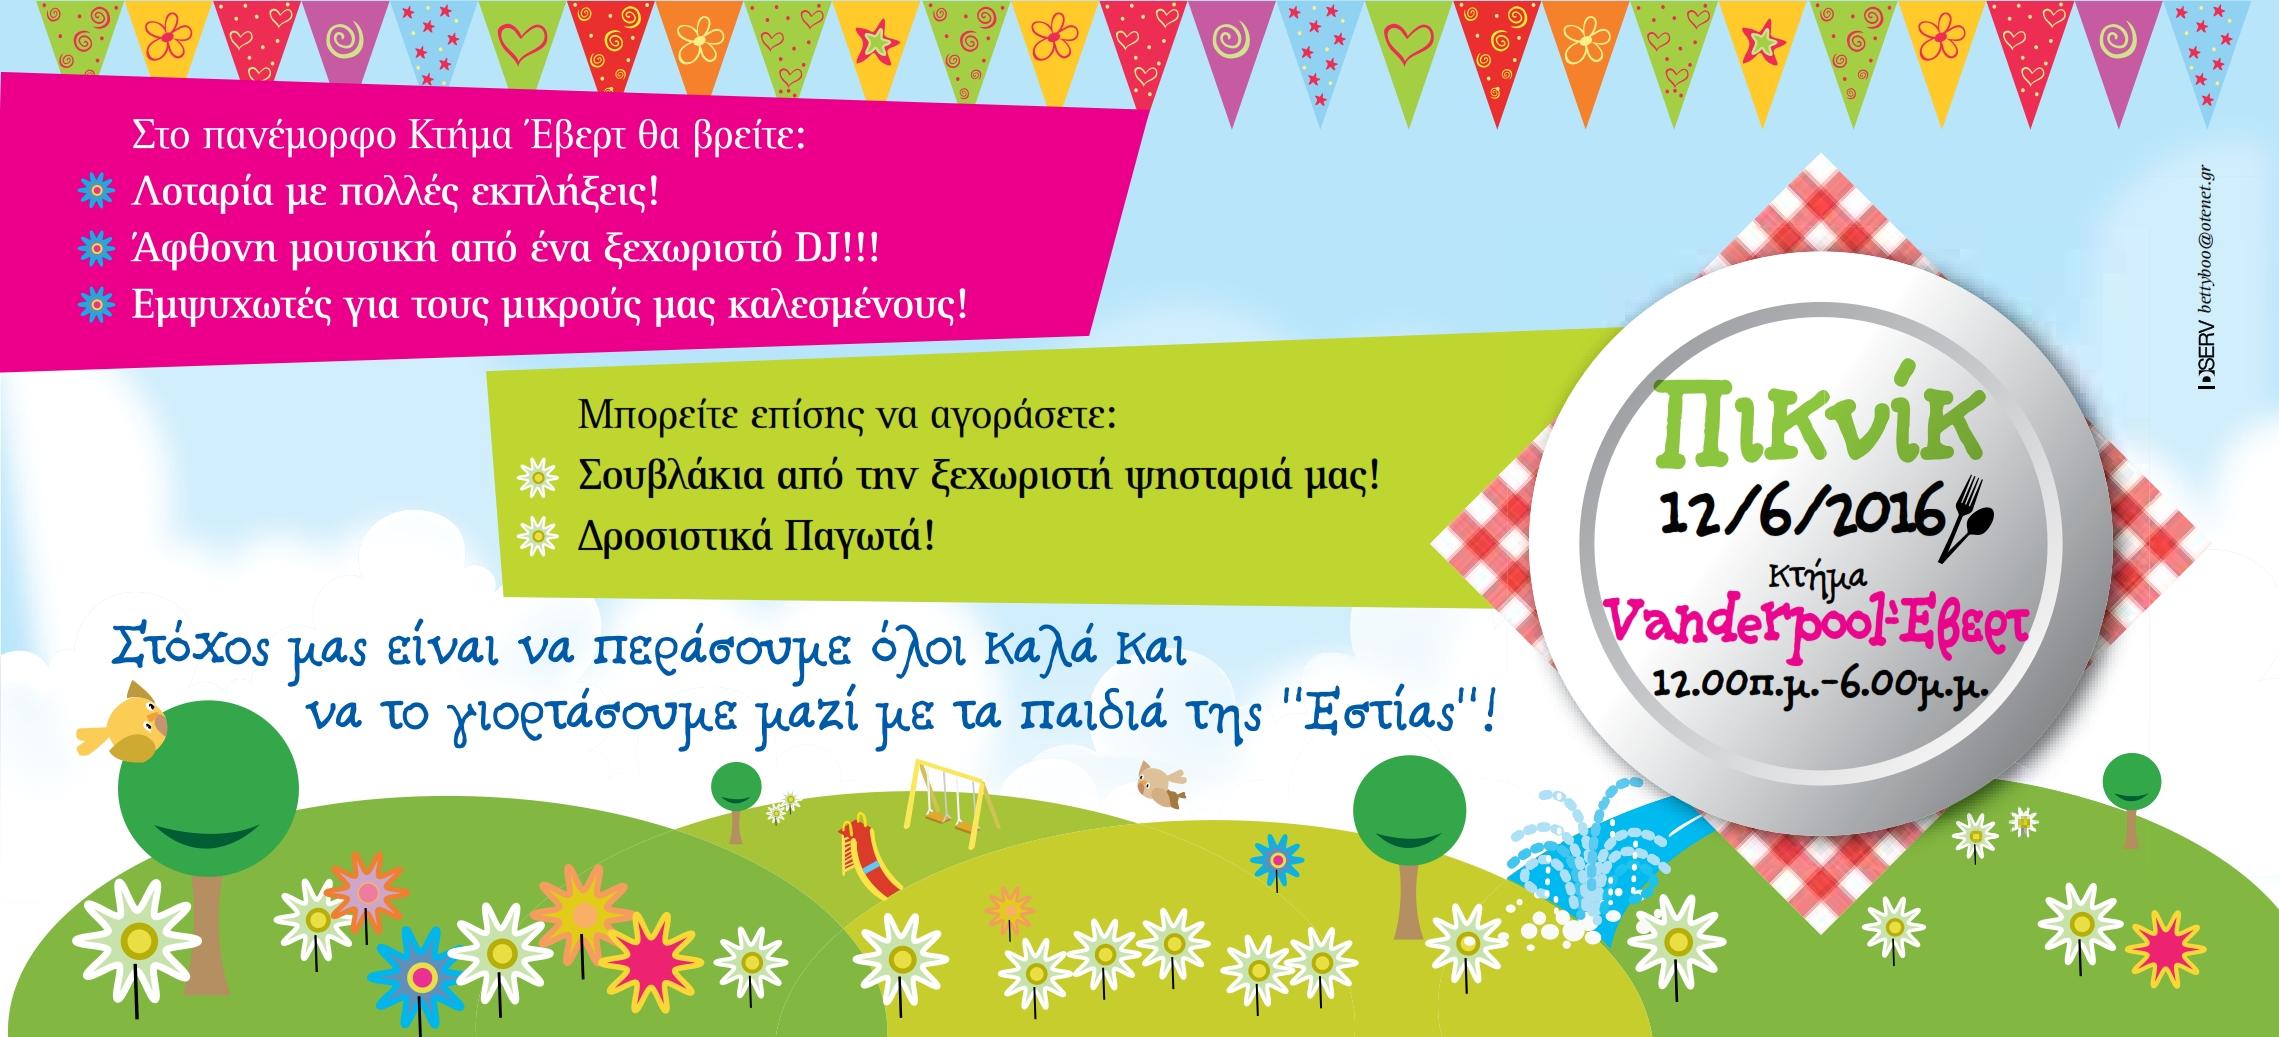 Πρόσκληση για το Κυριακάτικο πικ-νικ για την στήριξη της «Εστίας»